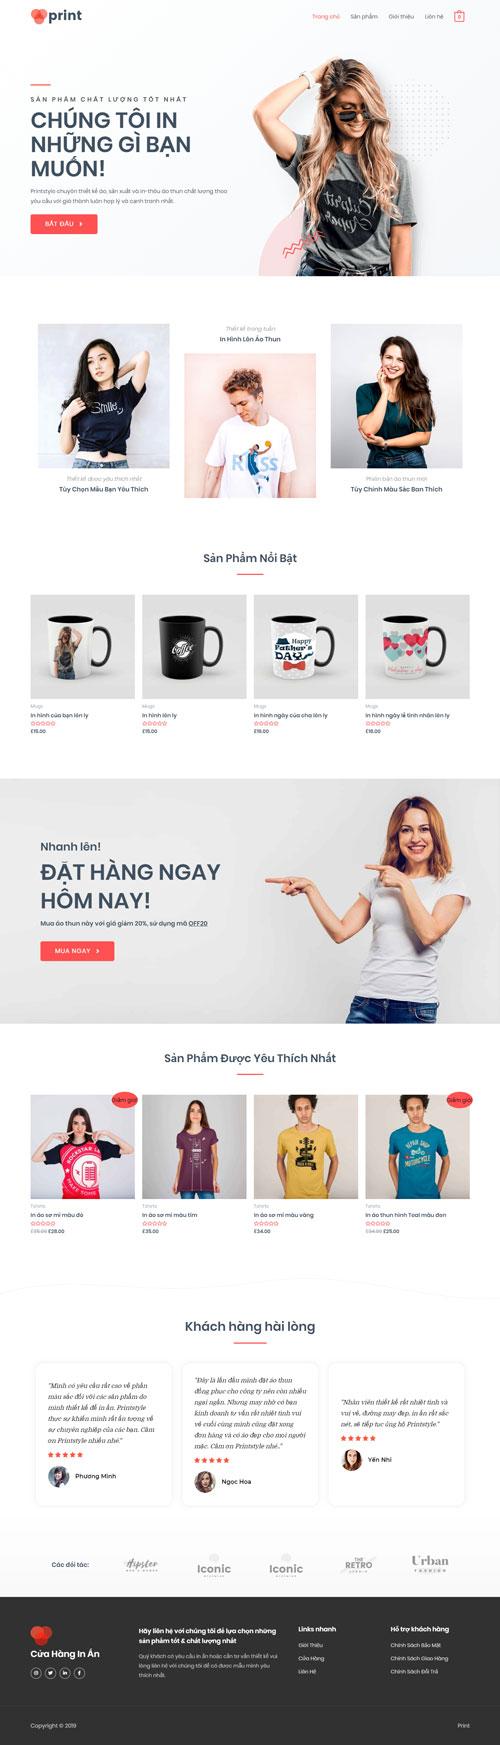 Website dịch vụ in ấn 1